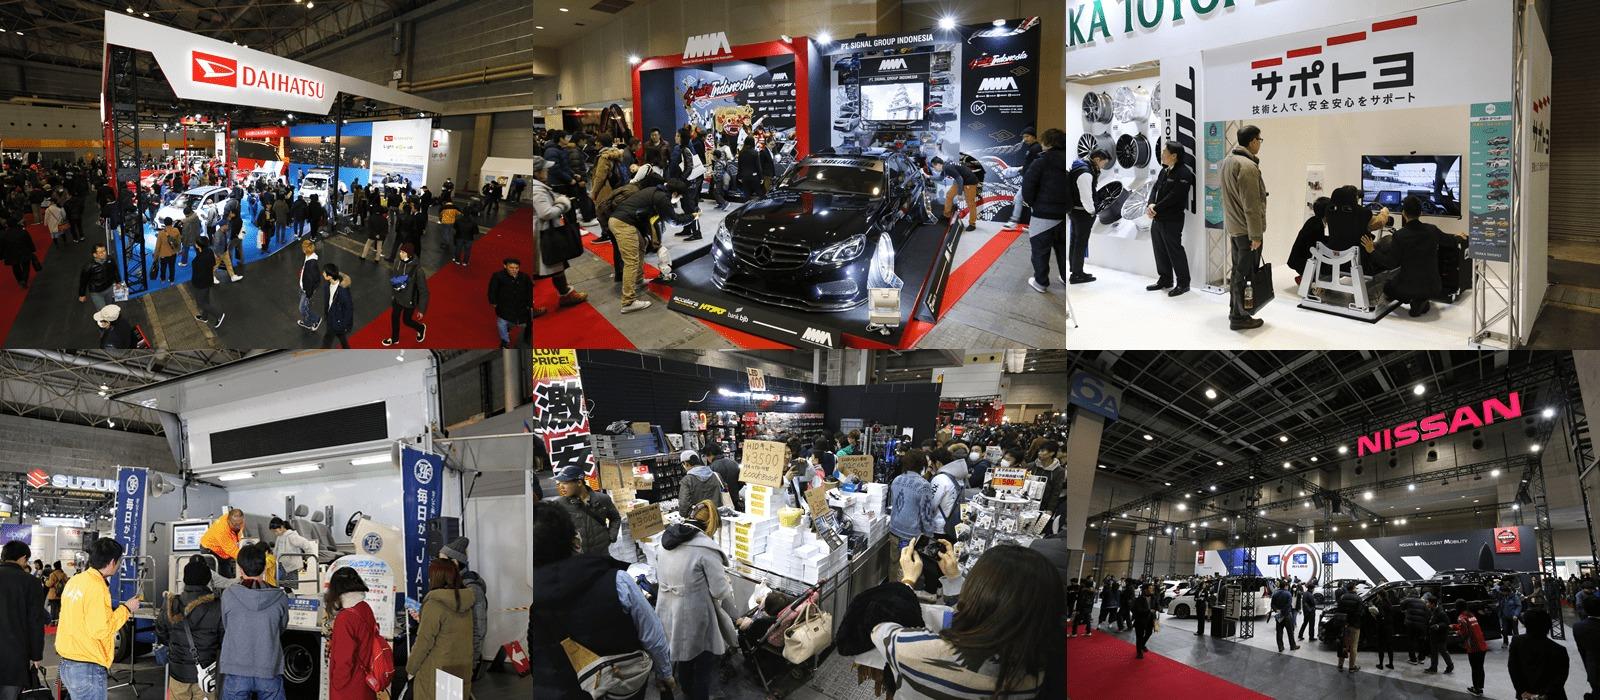 2018年は出展社数357、展示車両639台が集結し、会場のインテックス⼤阪はクルマ好きの人々で埋め尽くされた